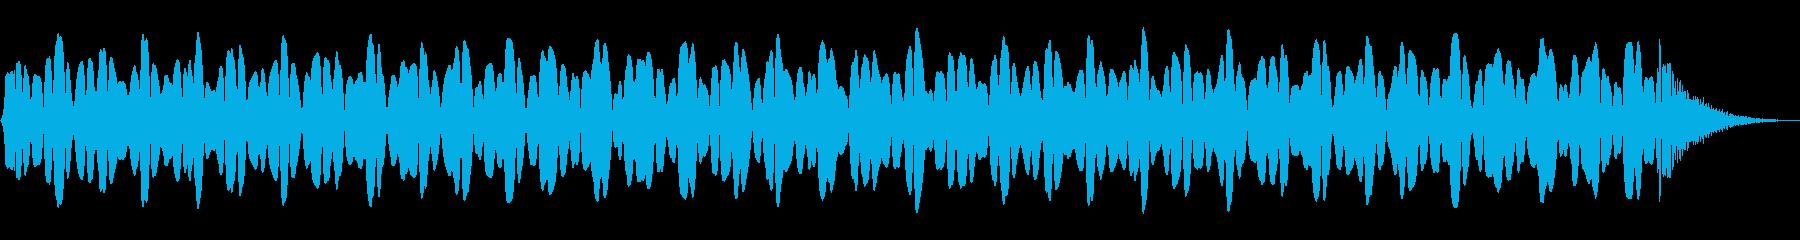 ヴィンテージスペースハンドスキャナ...の再生済みの波形